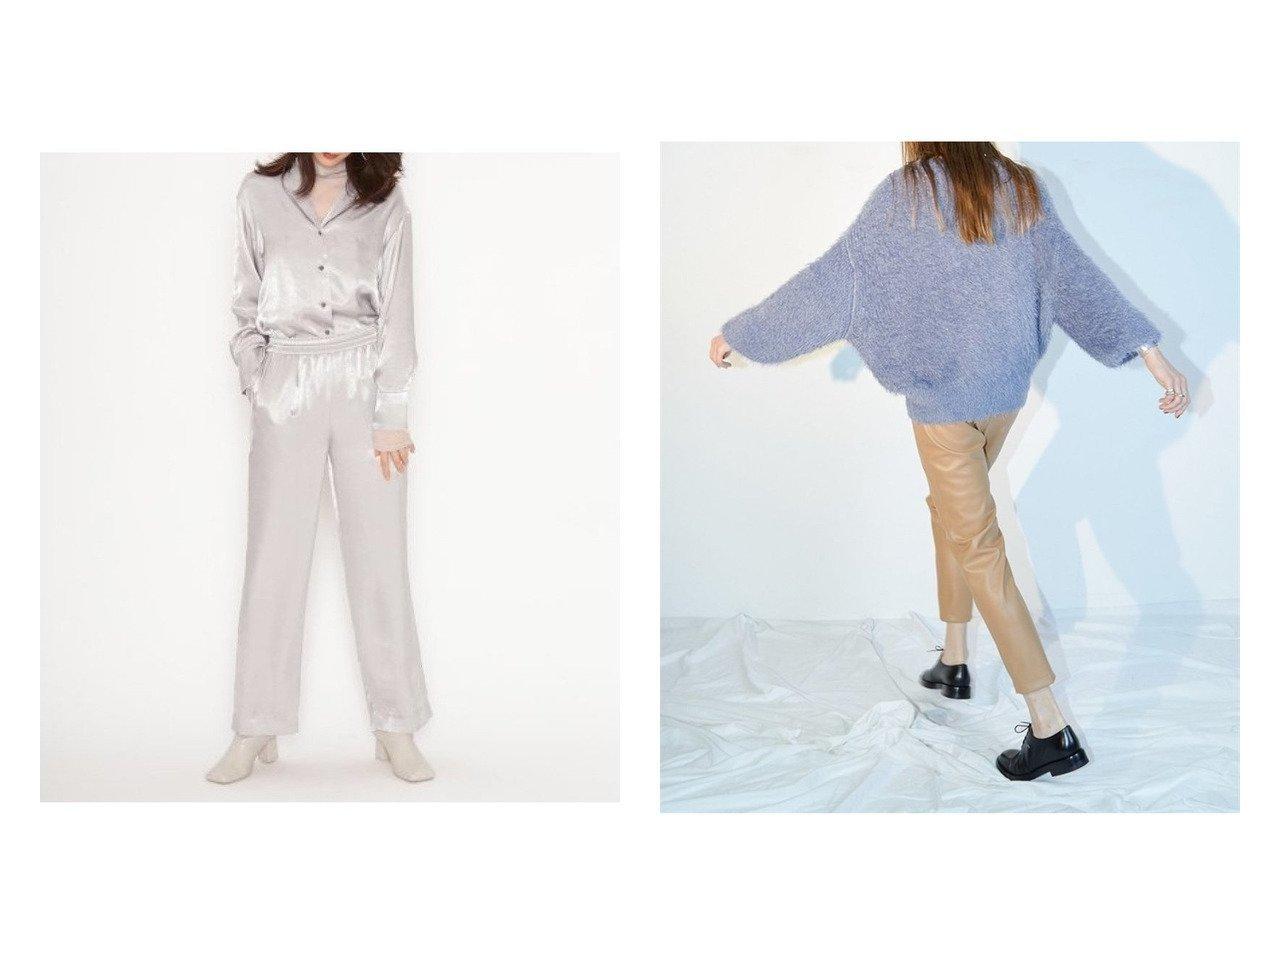 【SNIDEL/スナイデル】のサテンイージーパンツ&【styling/スタイリング】のフェイクレザーパンツ パンツおすすめ!人気、トレンド・レディースファッションの通販 おすすめで人気の流行・トレンド、ファッションの通販商品 メンズファッション・キッズファッション・インテリア・家具・レディースファッション・服の通販 founy(ファニー) https://founy.com/ ファッション Fashion レディースファッション WOMEN パンツ Pants オレンジ サテン シルバー ジーンズ セットアップ フェミニン マーブル 無地 リラックス 10月号 11月号 シアー スタイリッシュ スリム ドローコード 雑誌 |ID:crp329100000011326